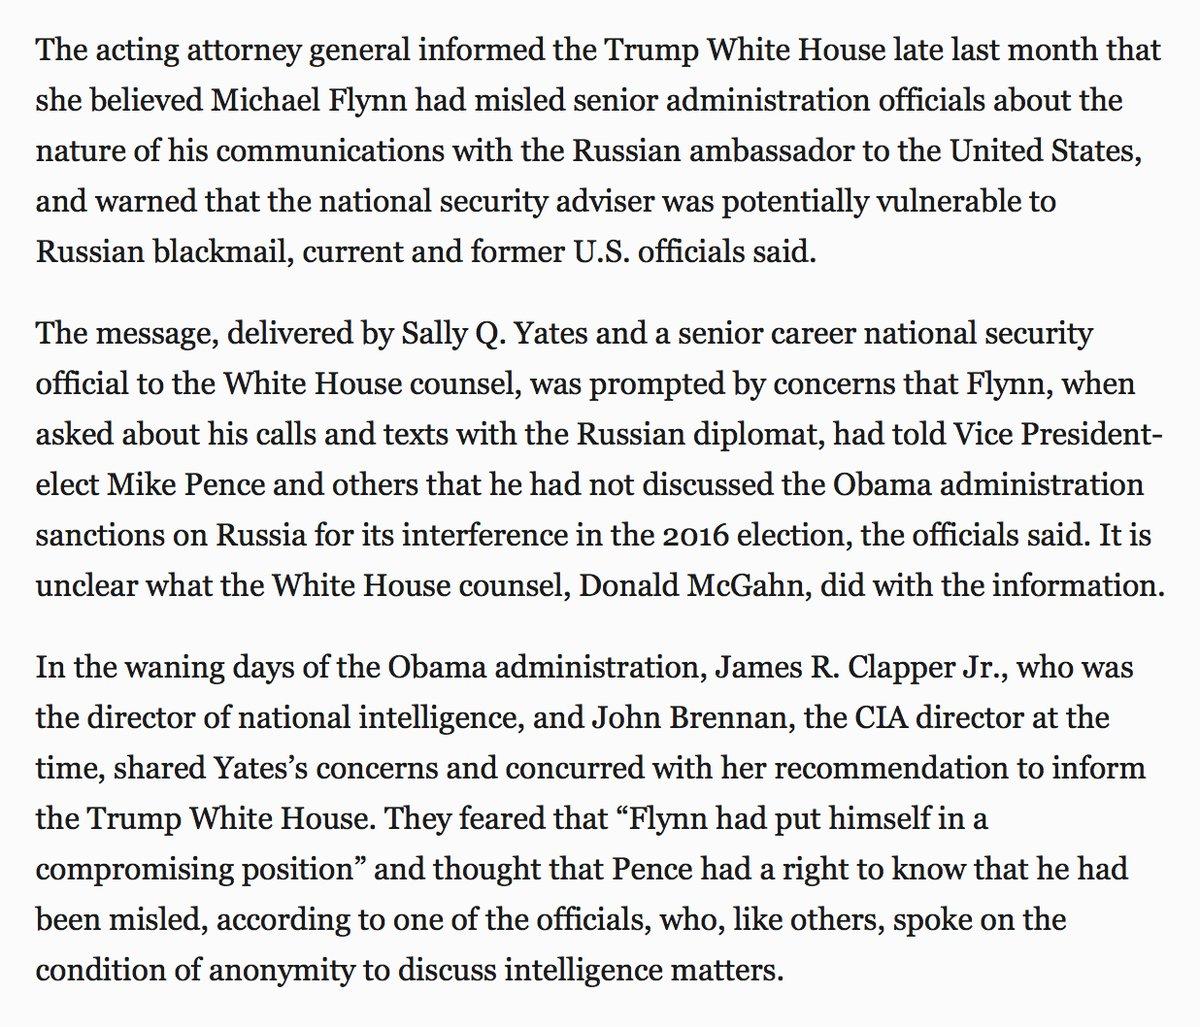 Ν.Τραμπ, τέλος! Καθαίρεση με την κατηγορία της εσχάτης προδοσίας – Το μεγαλύτερο σκάνδαλο όλων των εποχών προκαλεί τεράστια κρίση στις ΗΠΑ - Εικόνα6